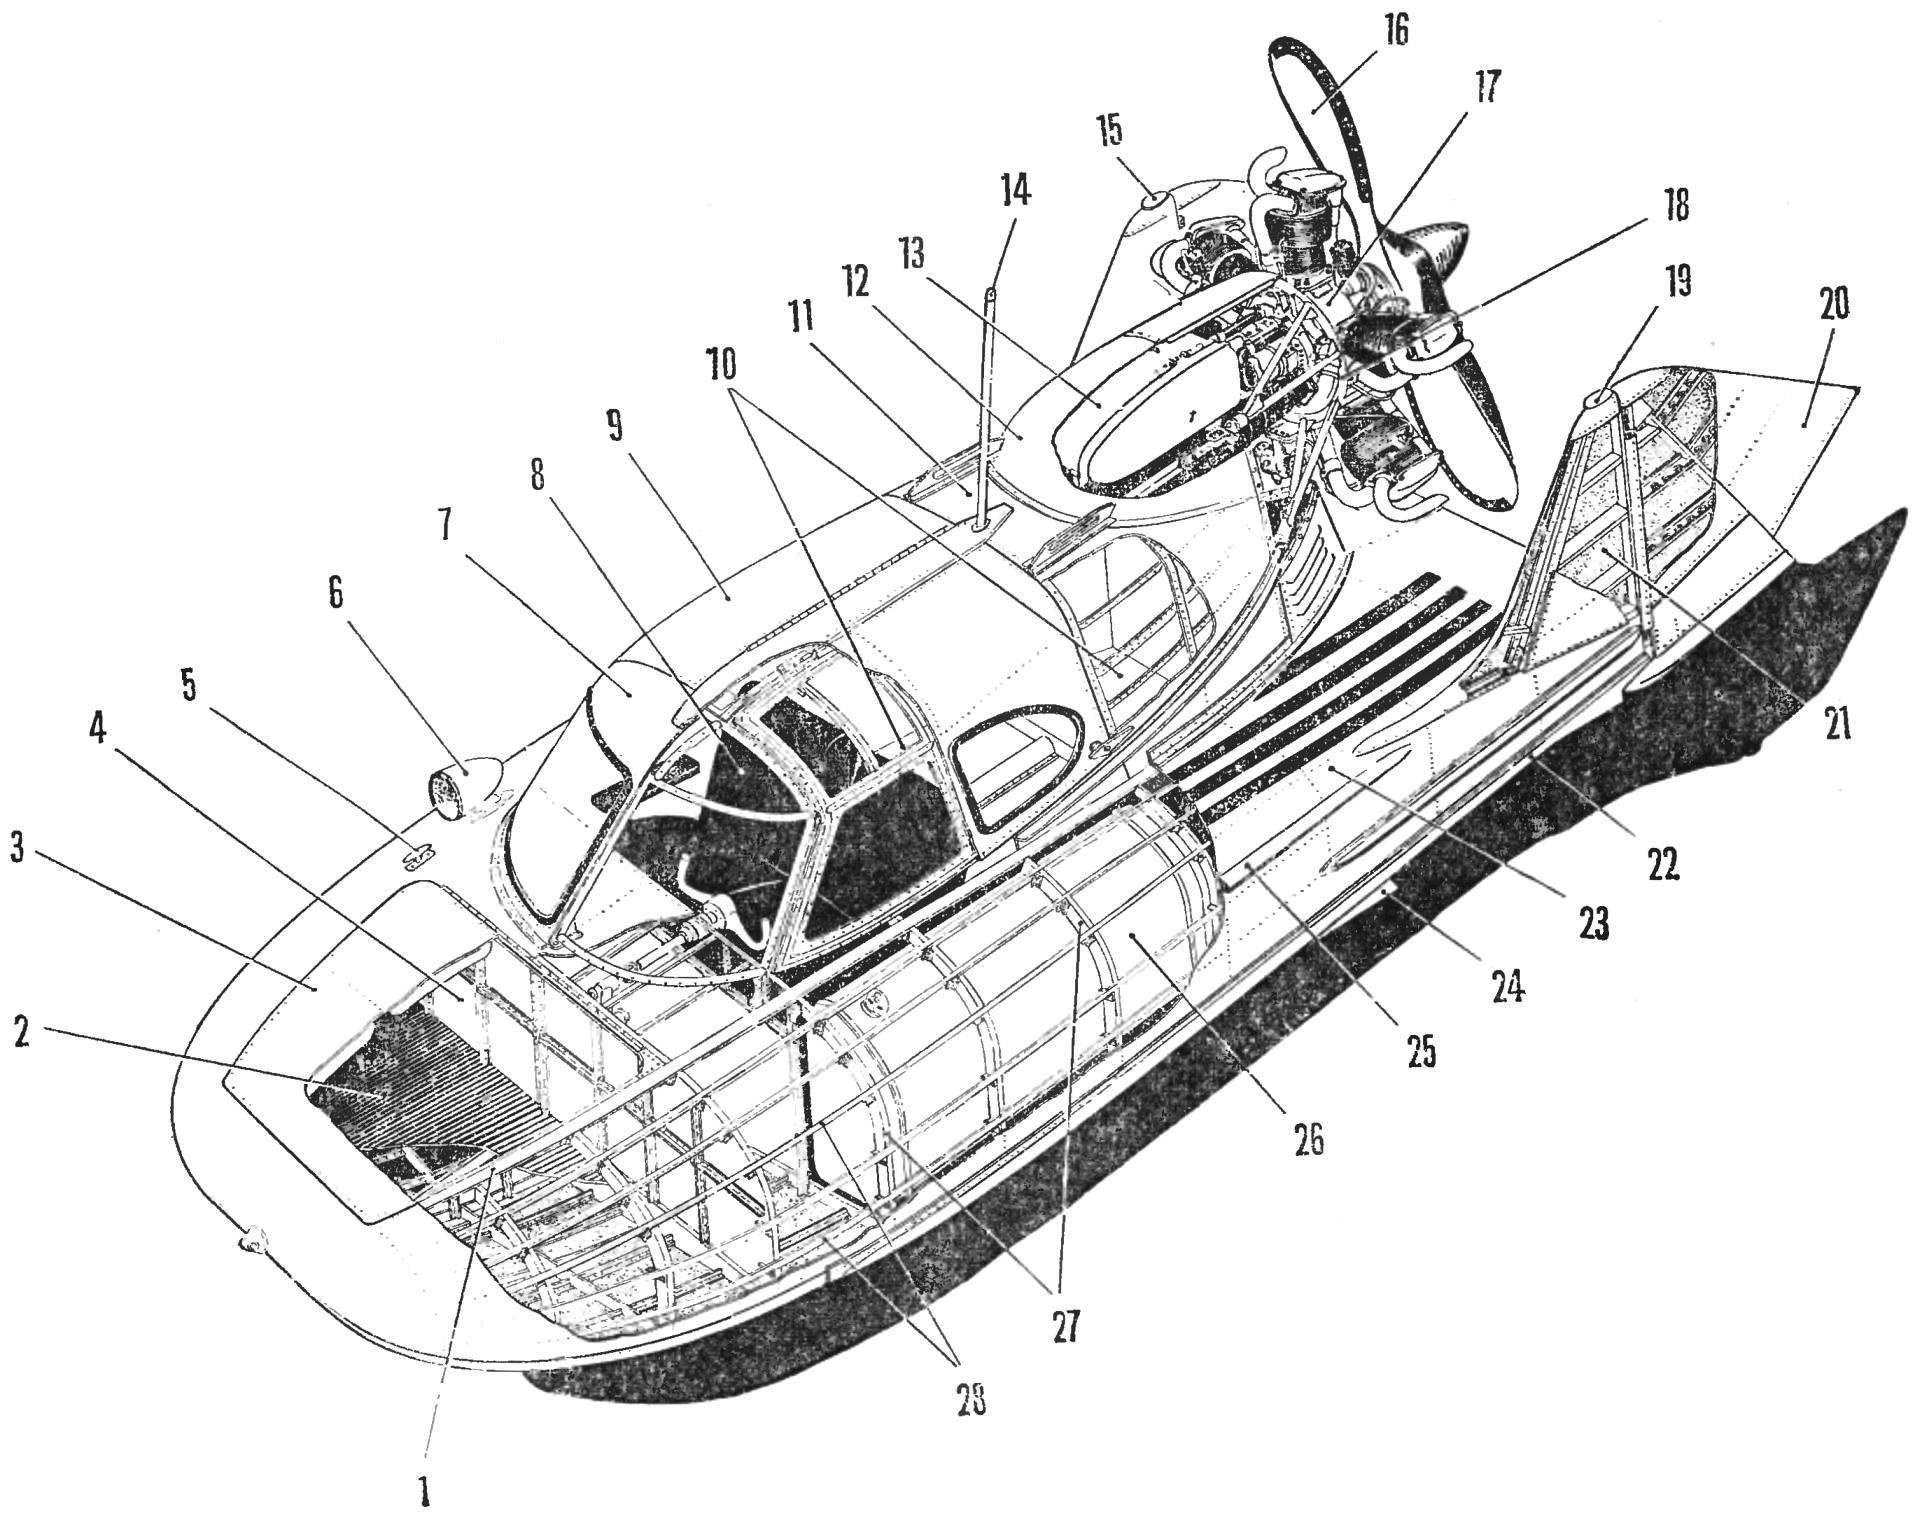 Рис. 2. Конструктивная схема аэросаней-амфибии с мотором М-11